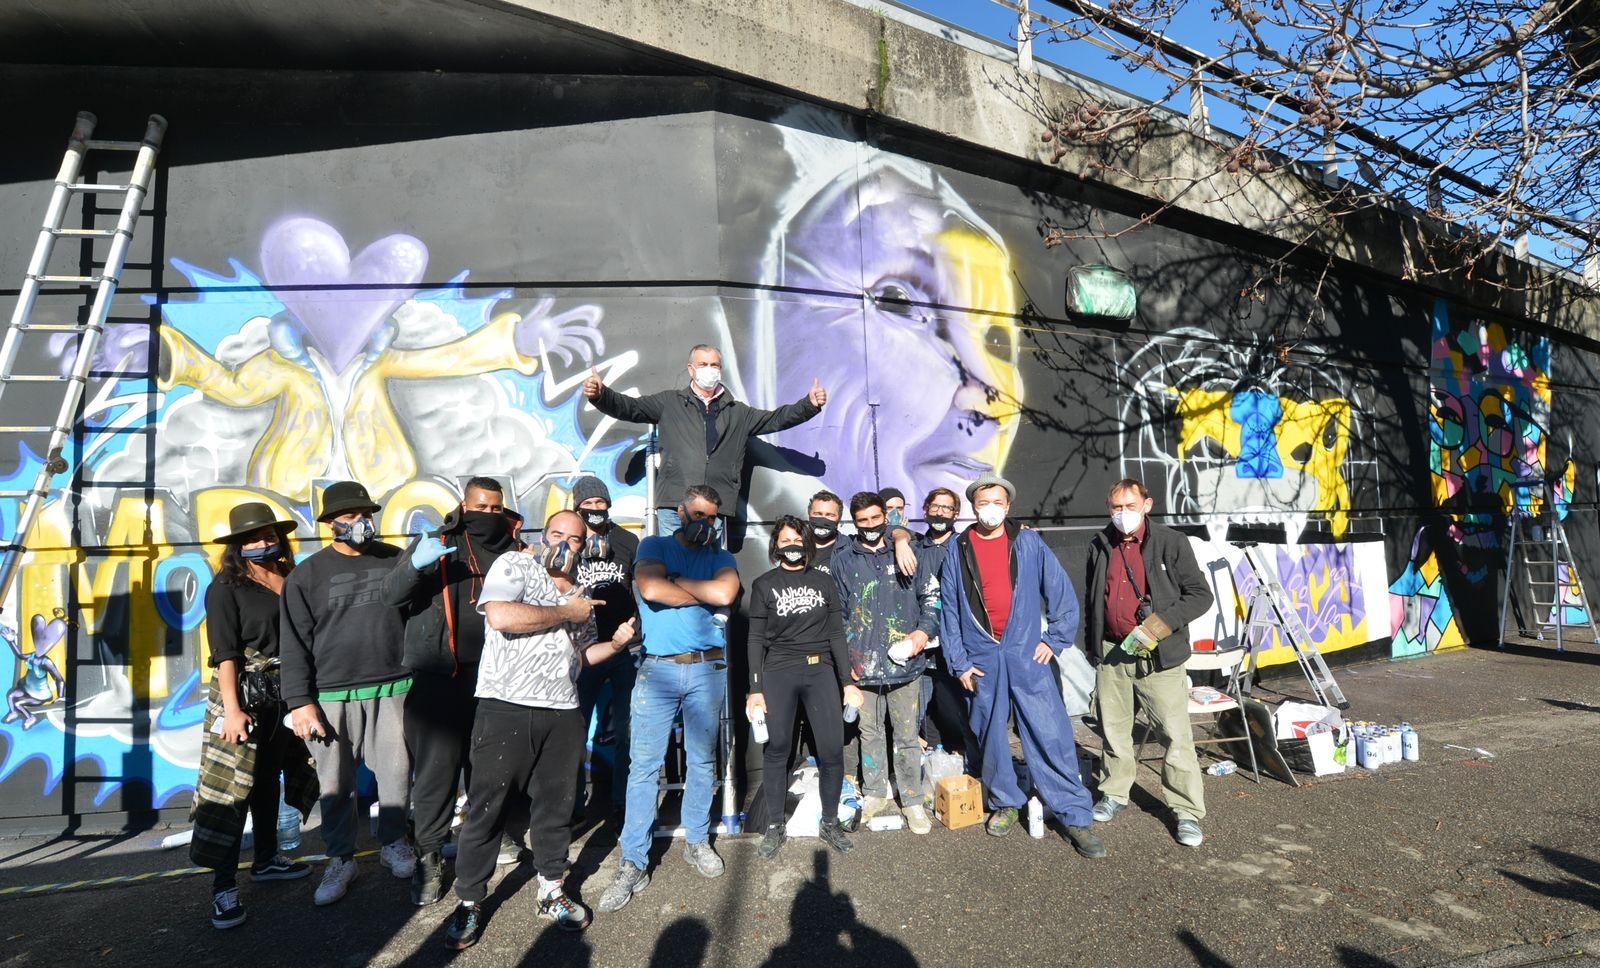 NICE : Art dans l'espace public – Influence ta ville 15-25